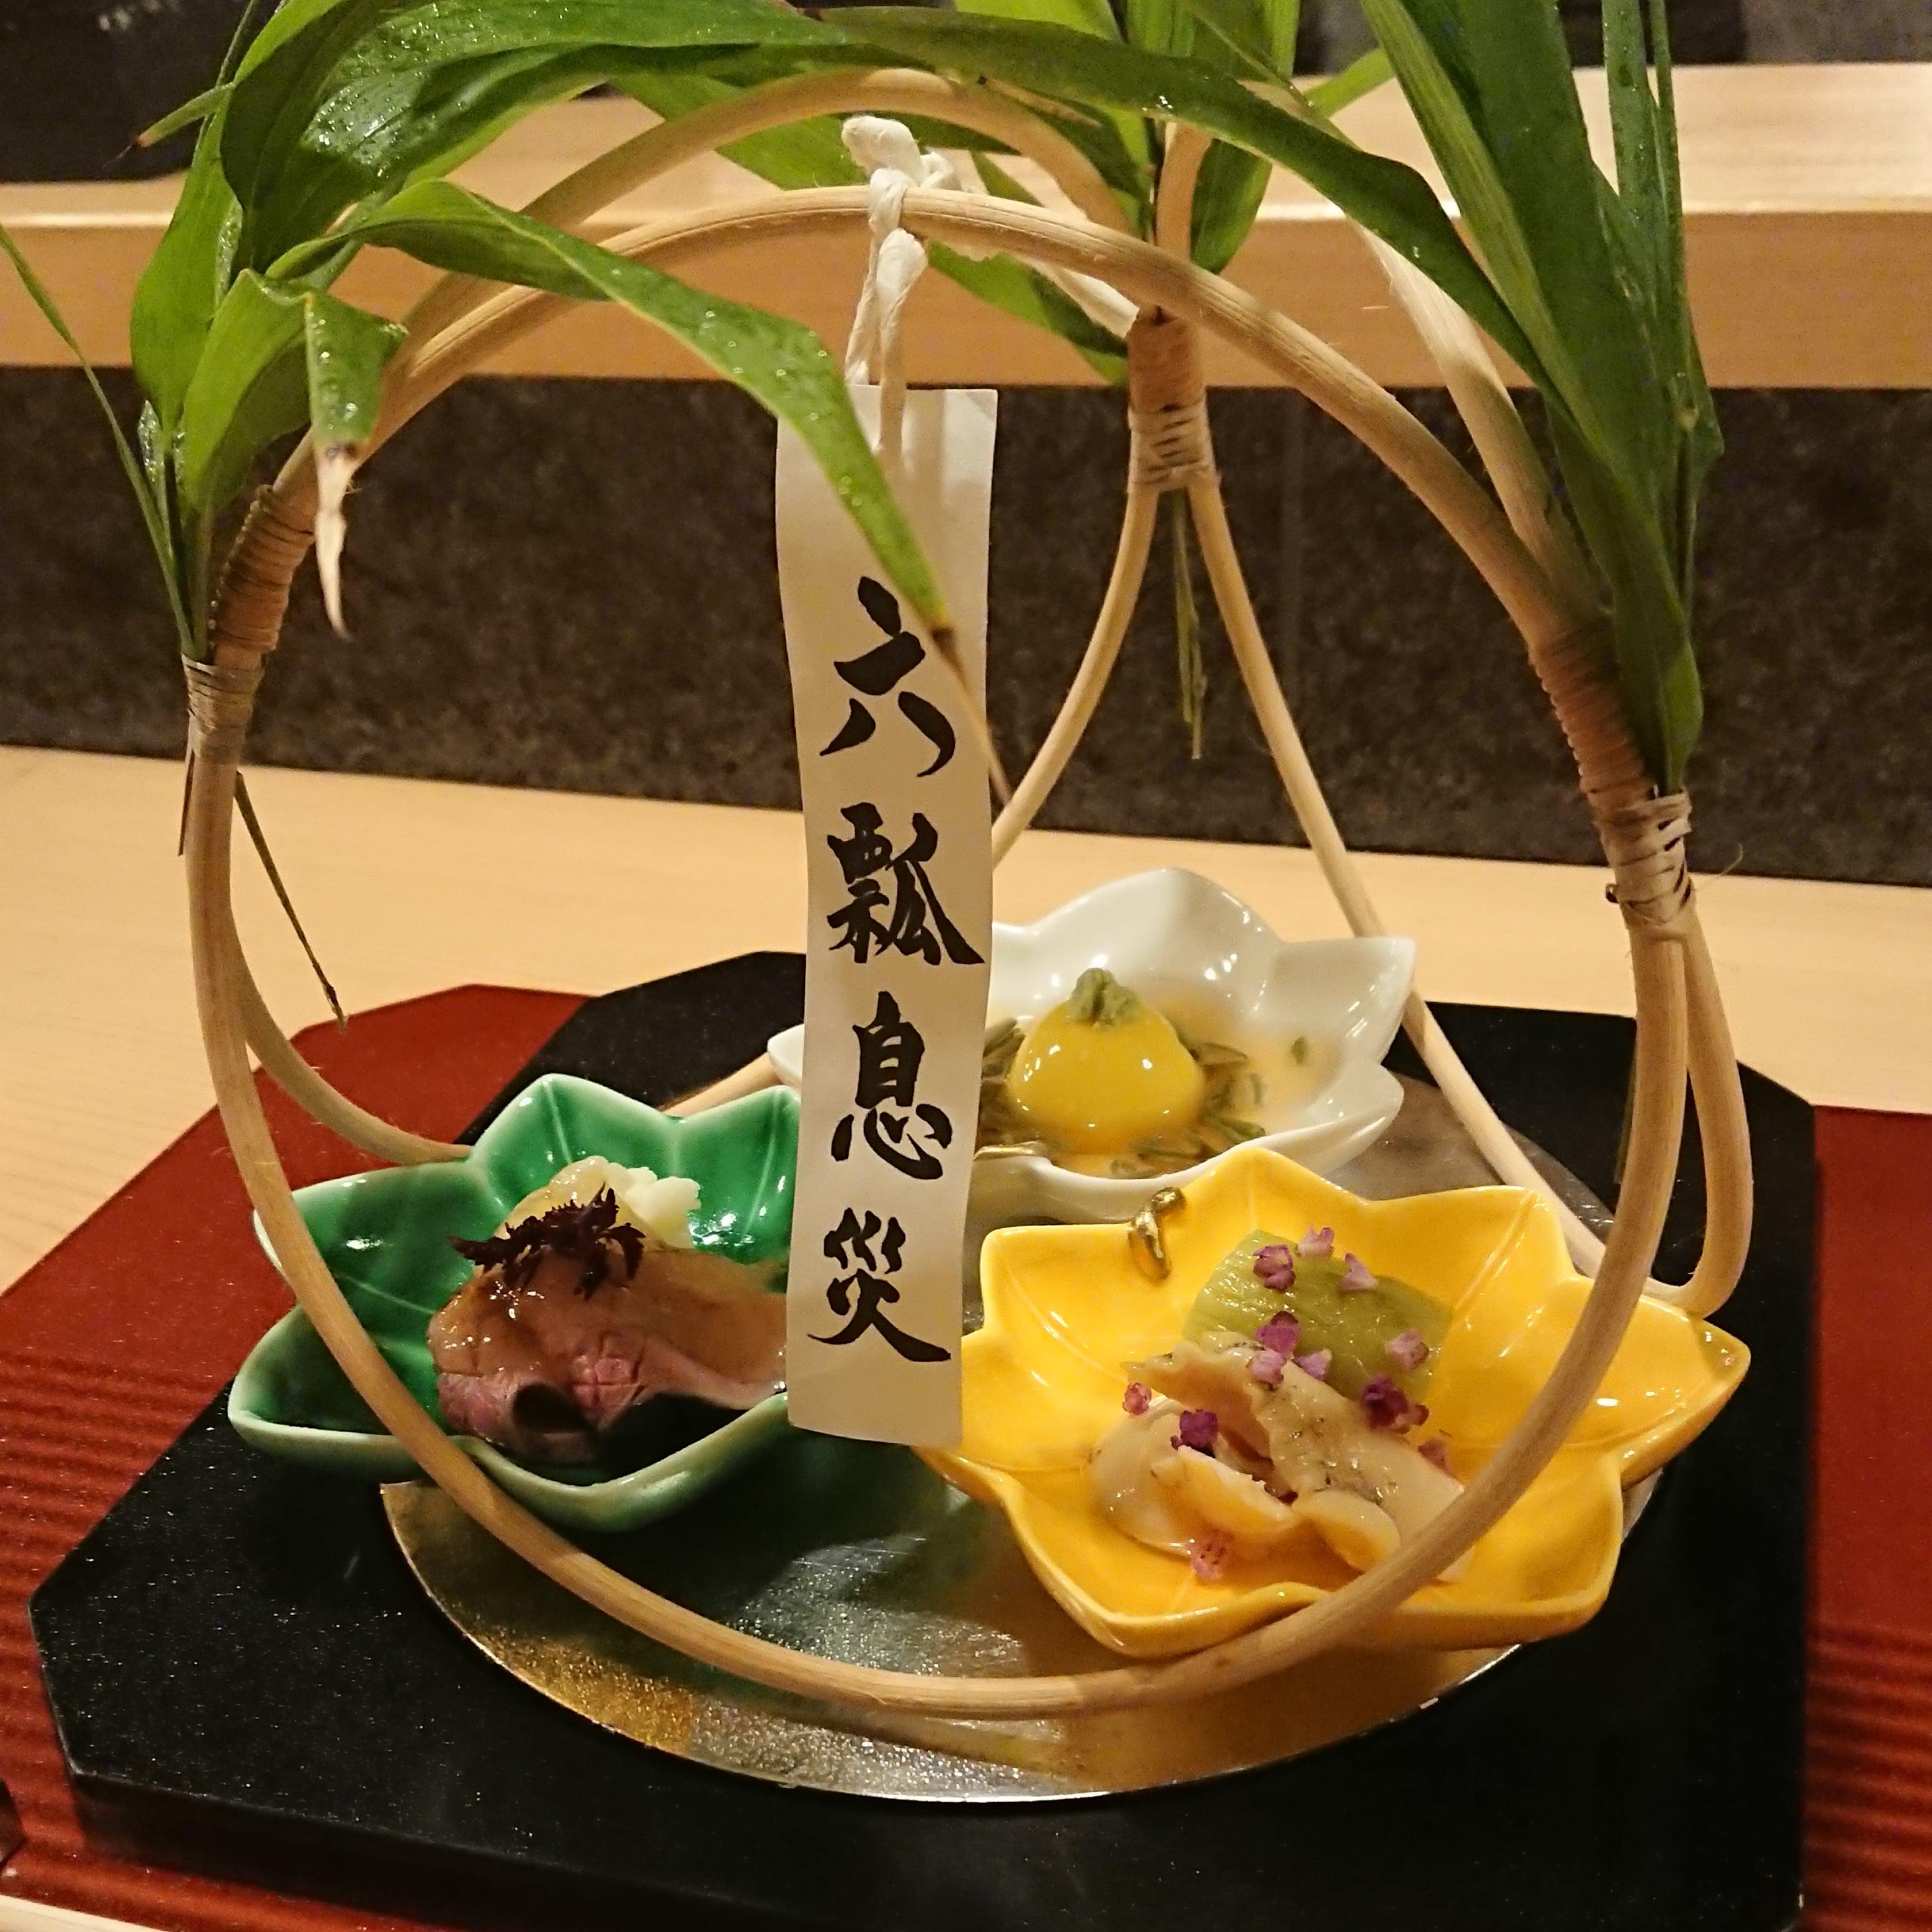 http://www.karyo-kyoto.jp/gion/info/images/IMG_20200610_202654_461.jpg